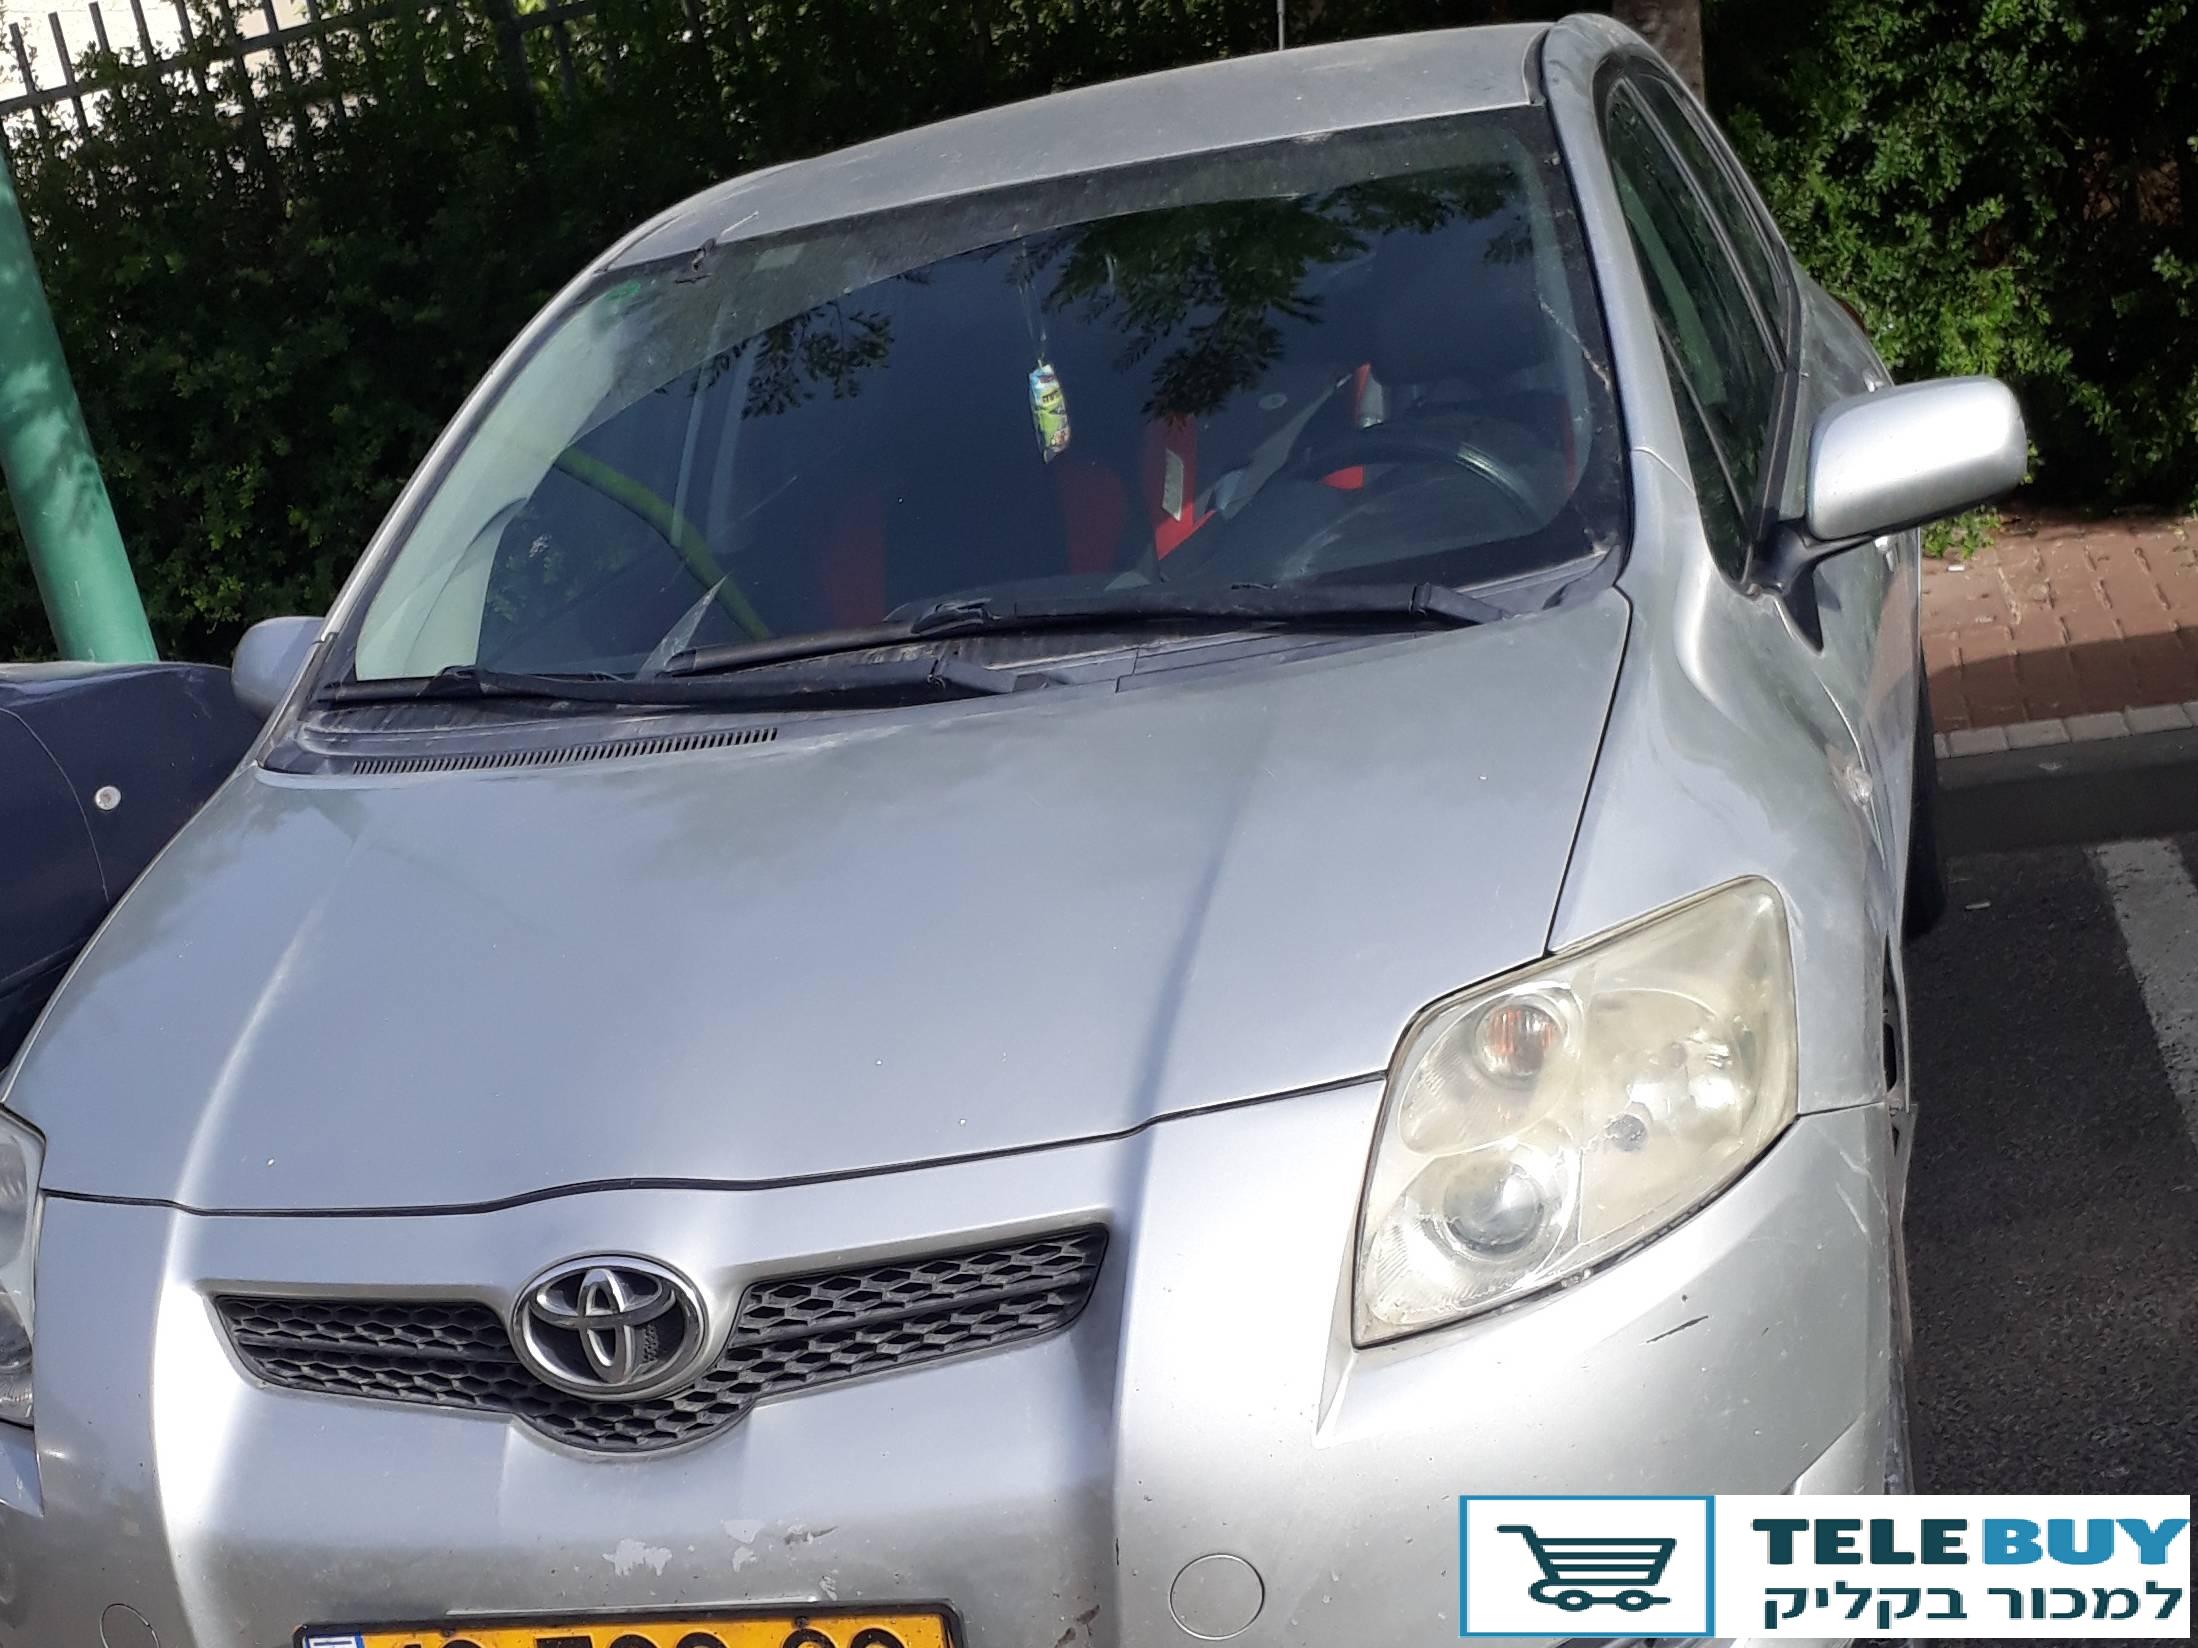 רכב פרטי טויוטה אוריס  בקריות